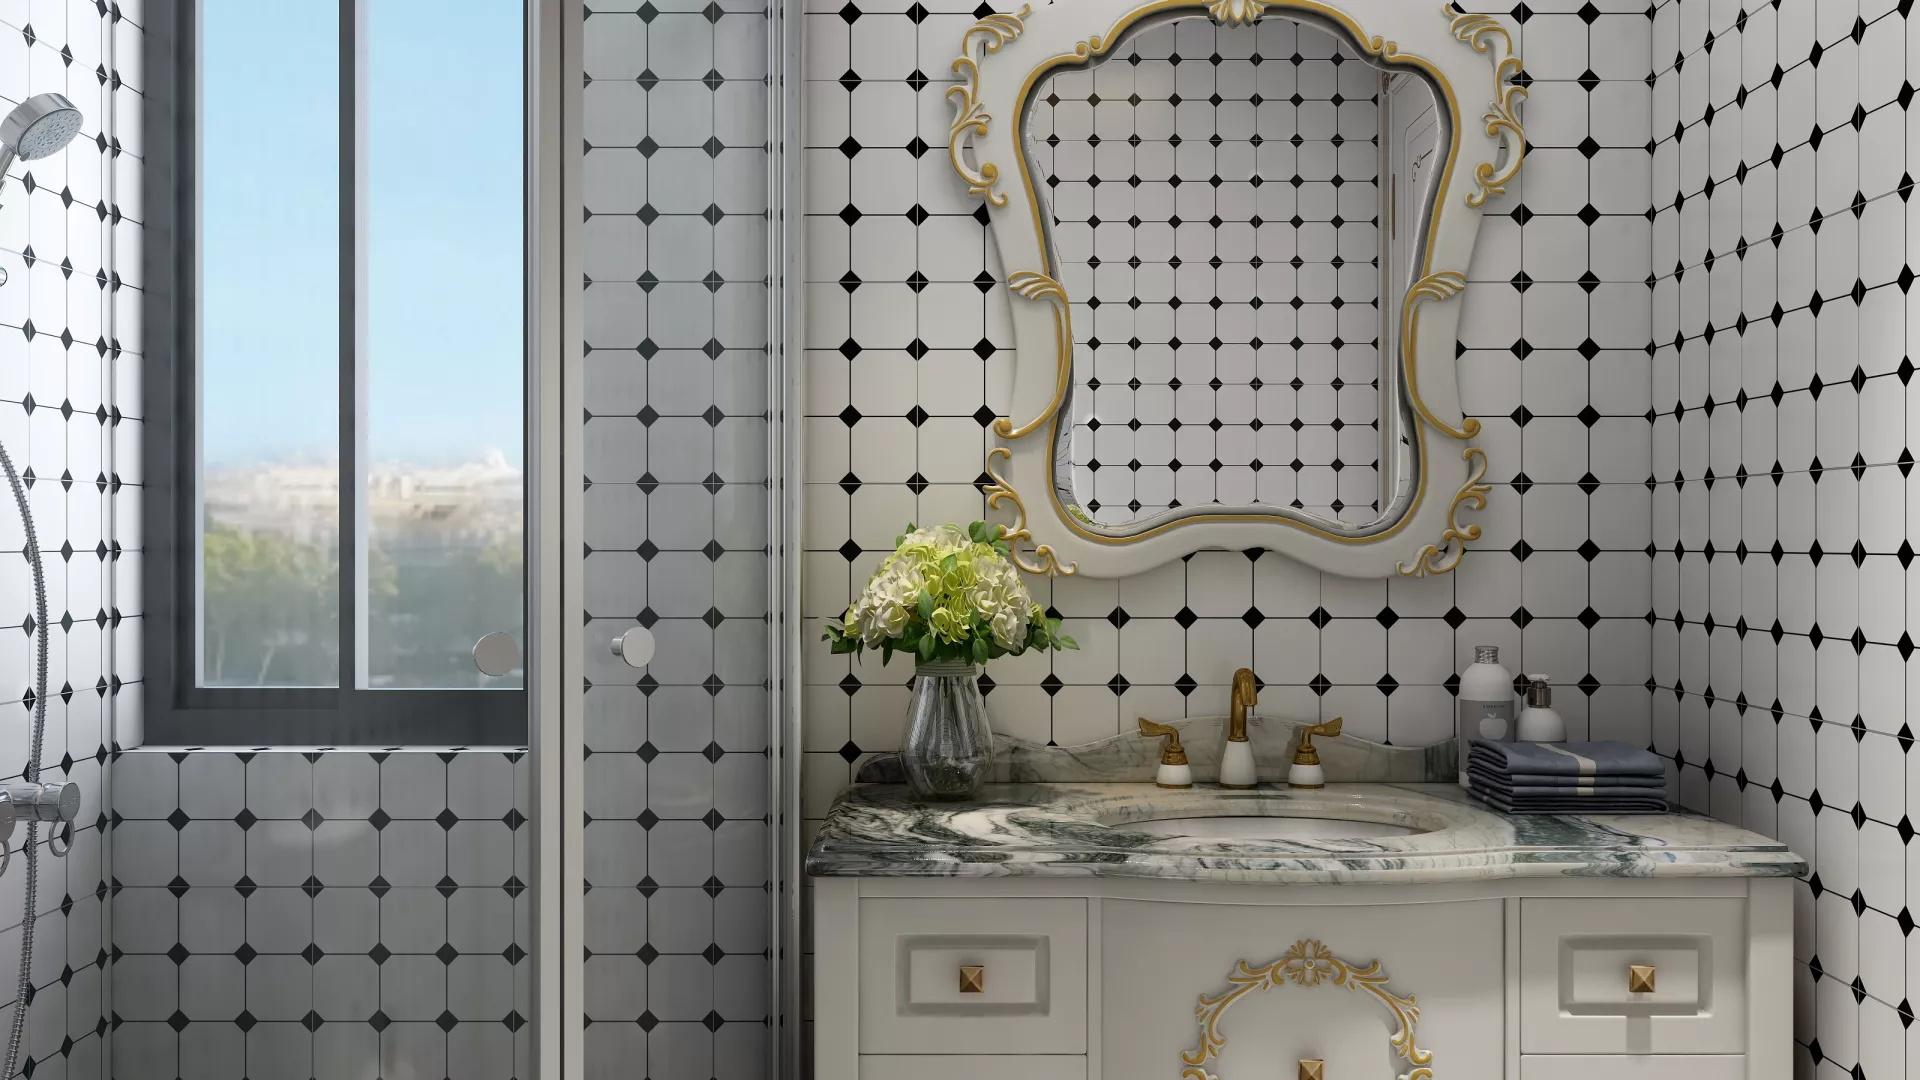 臥室裝修設計要點 臥室裝修需要注意哪些事項